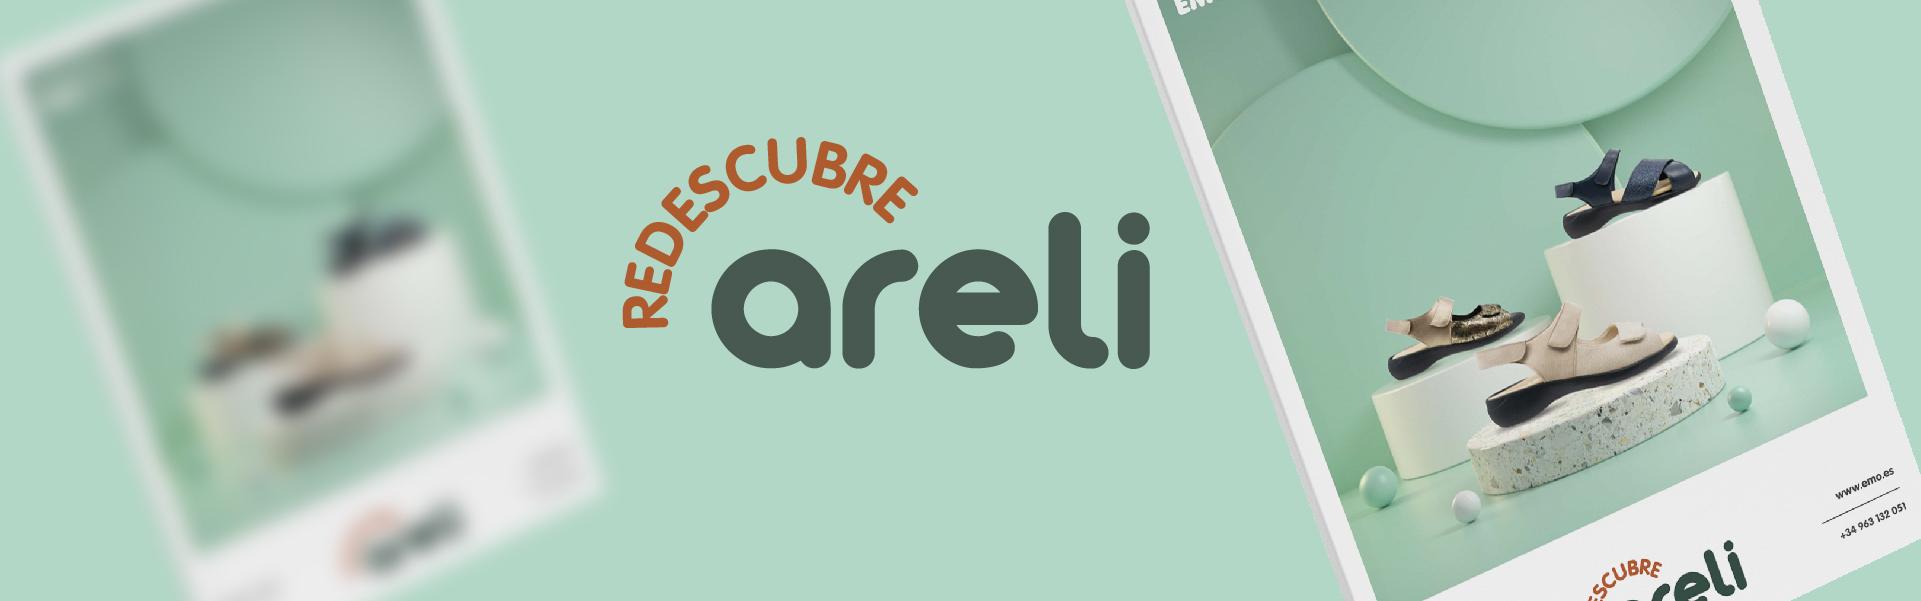 Redescubre Areli